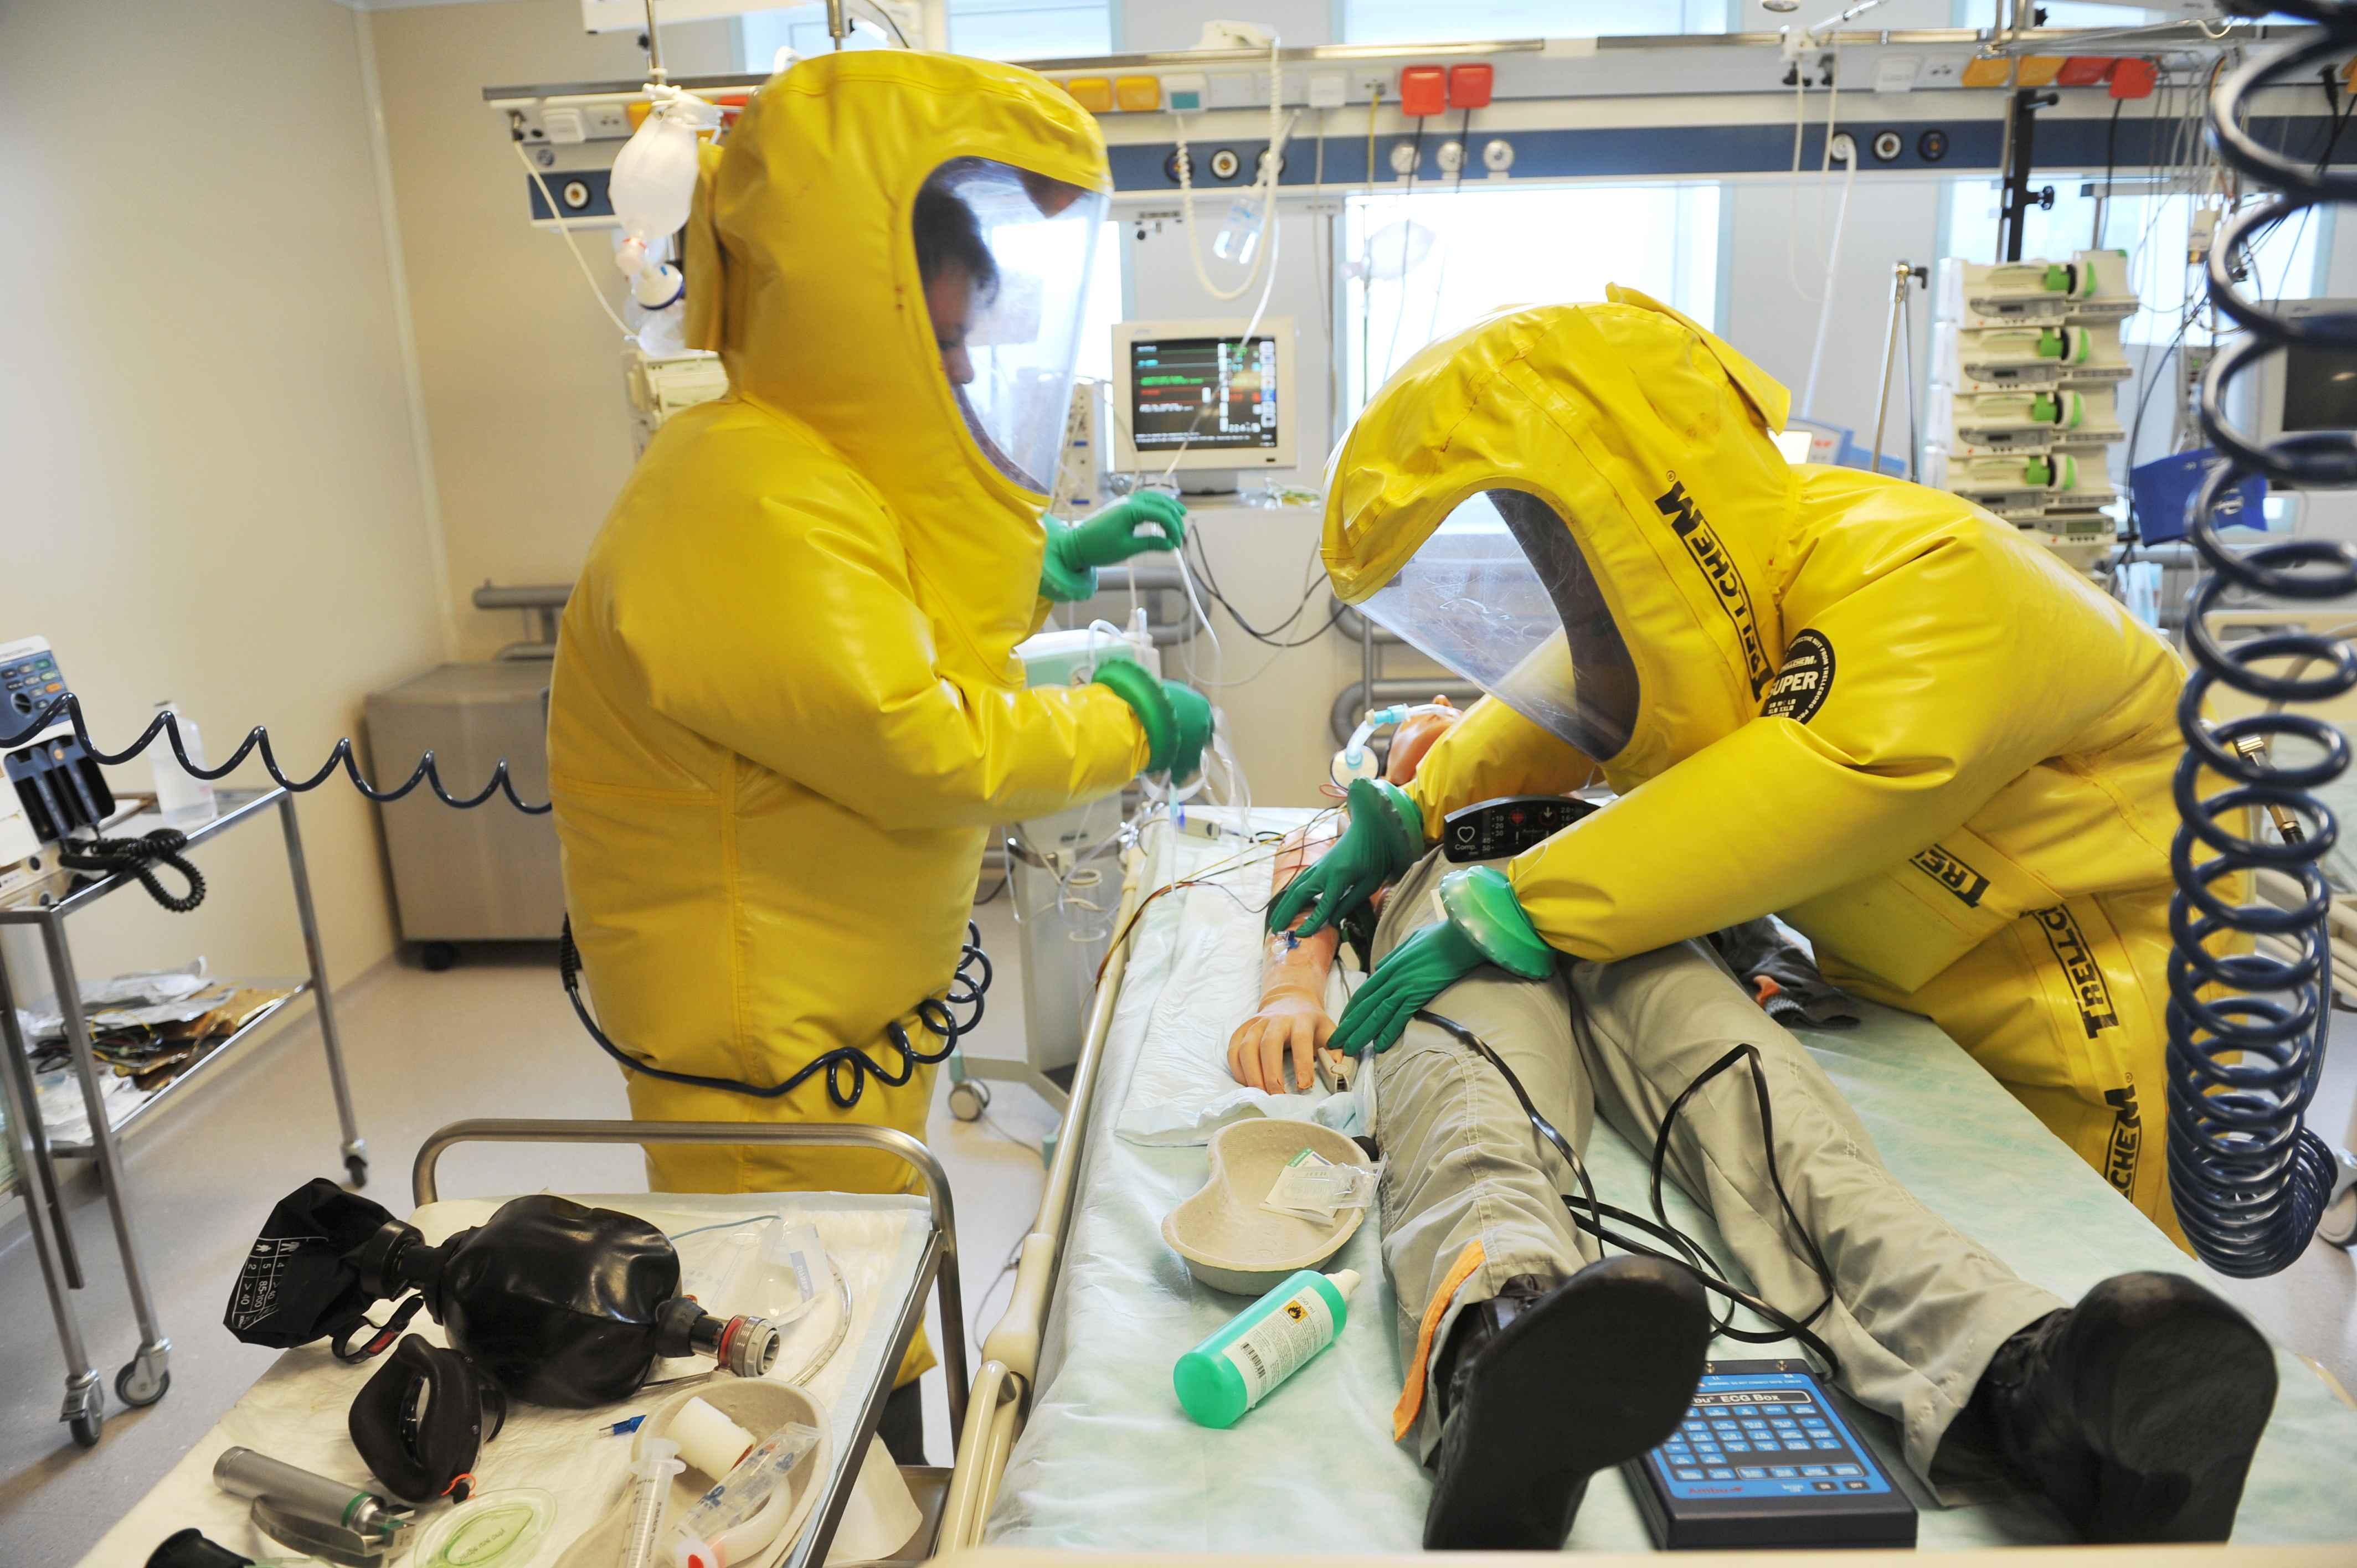 V Těchoníně ošetřují pacienty s vysoce nakažlivými nemocemi. Právě tady by se mohla léčit ebola